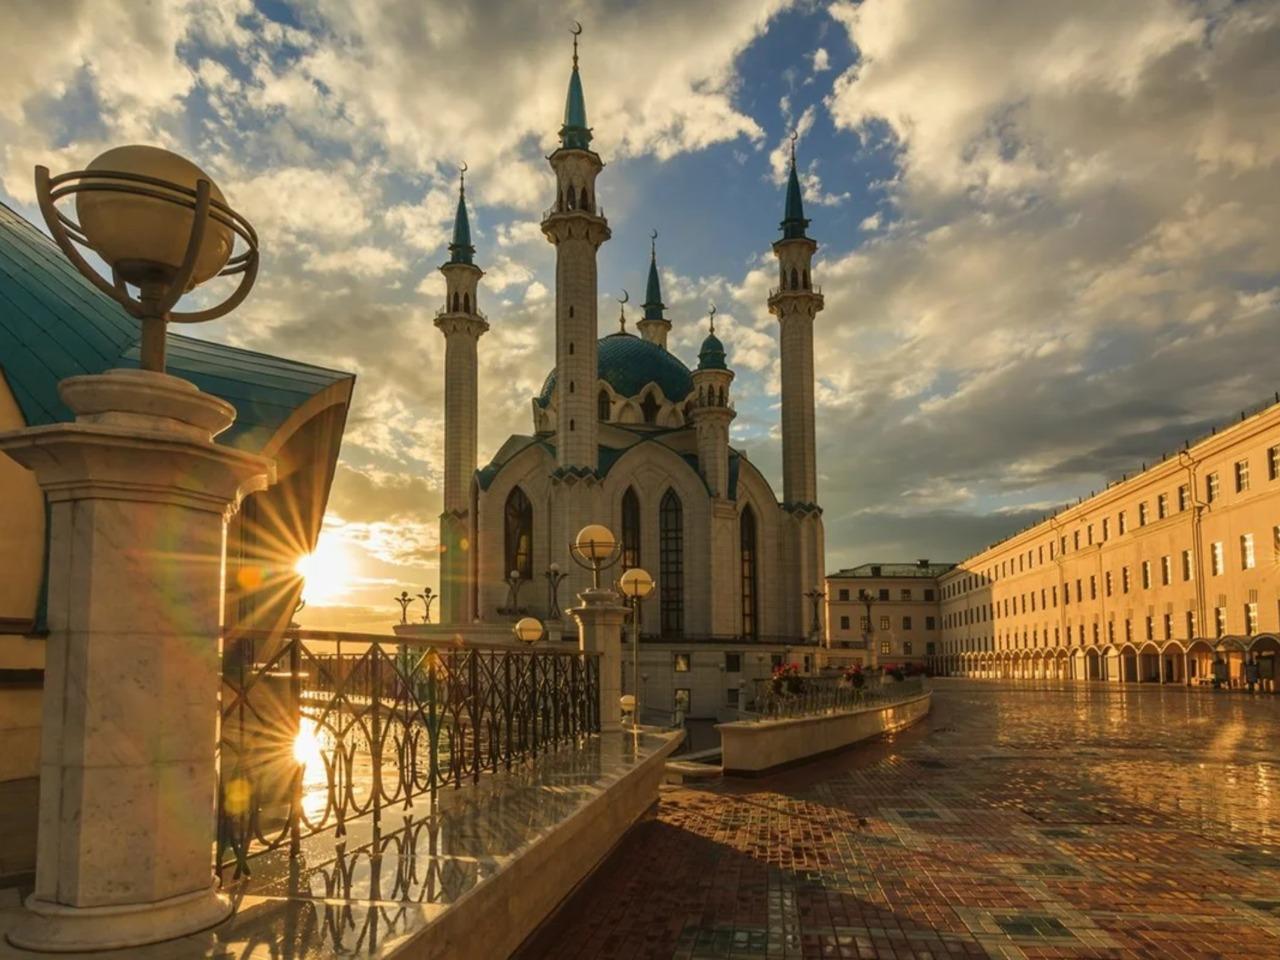 Казанский Кремль в зеркале времен - индивидуальная экскурсия в Казани от опытного гида